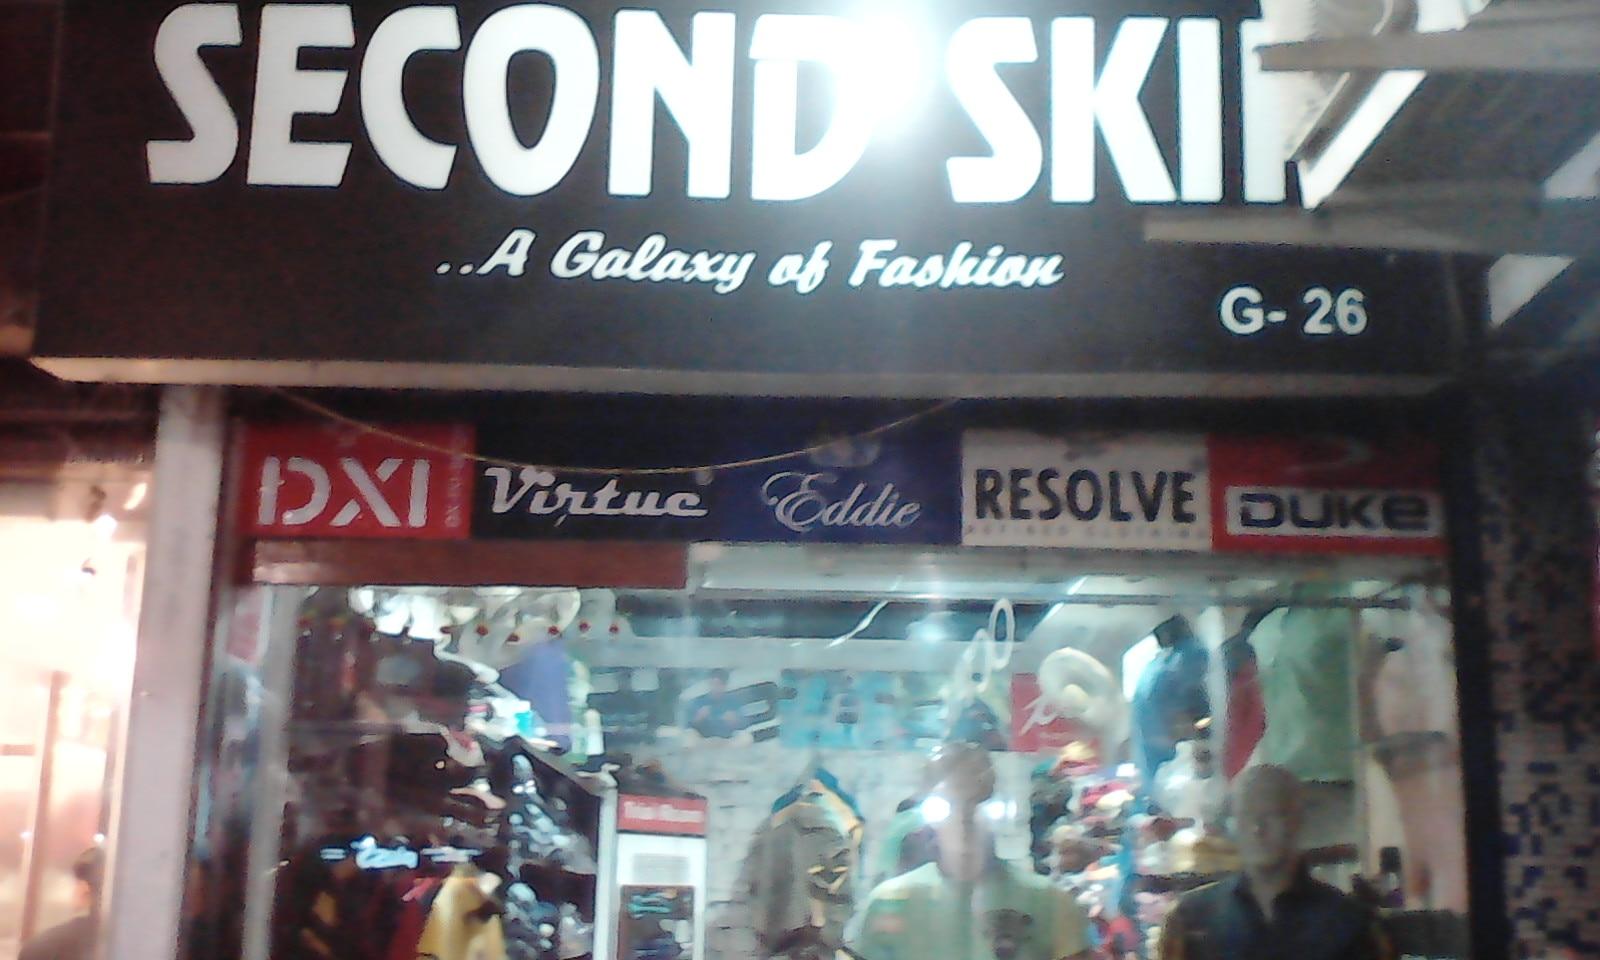 Second skin the Fashion VILLA